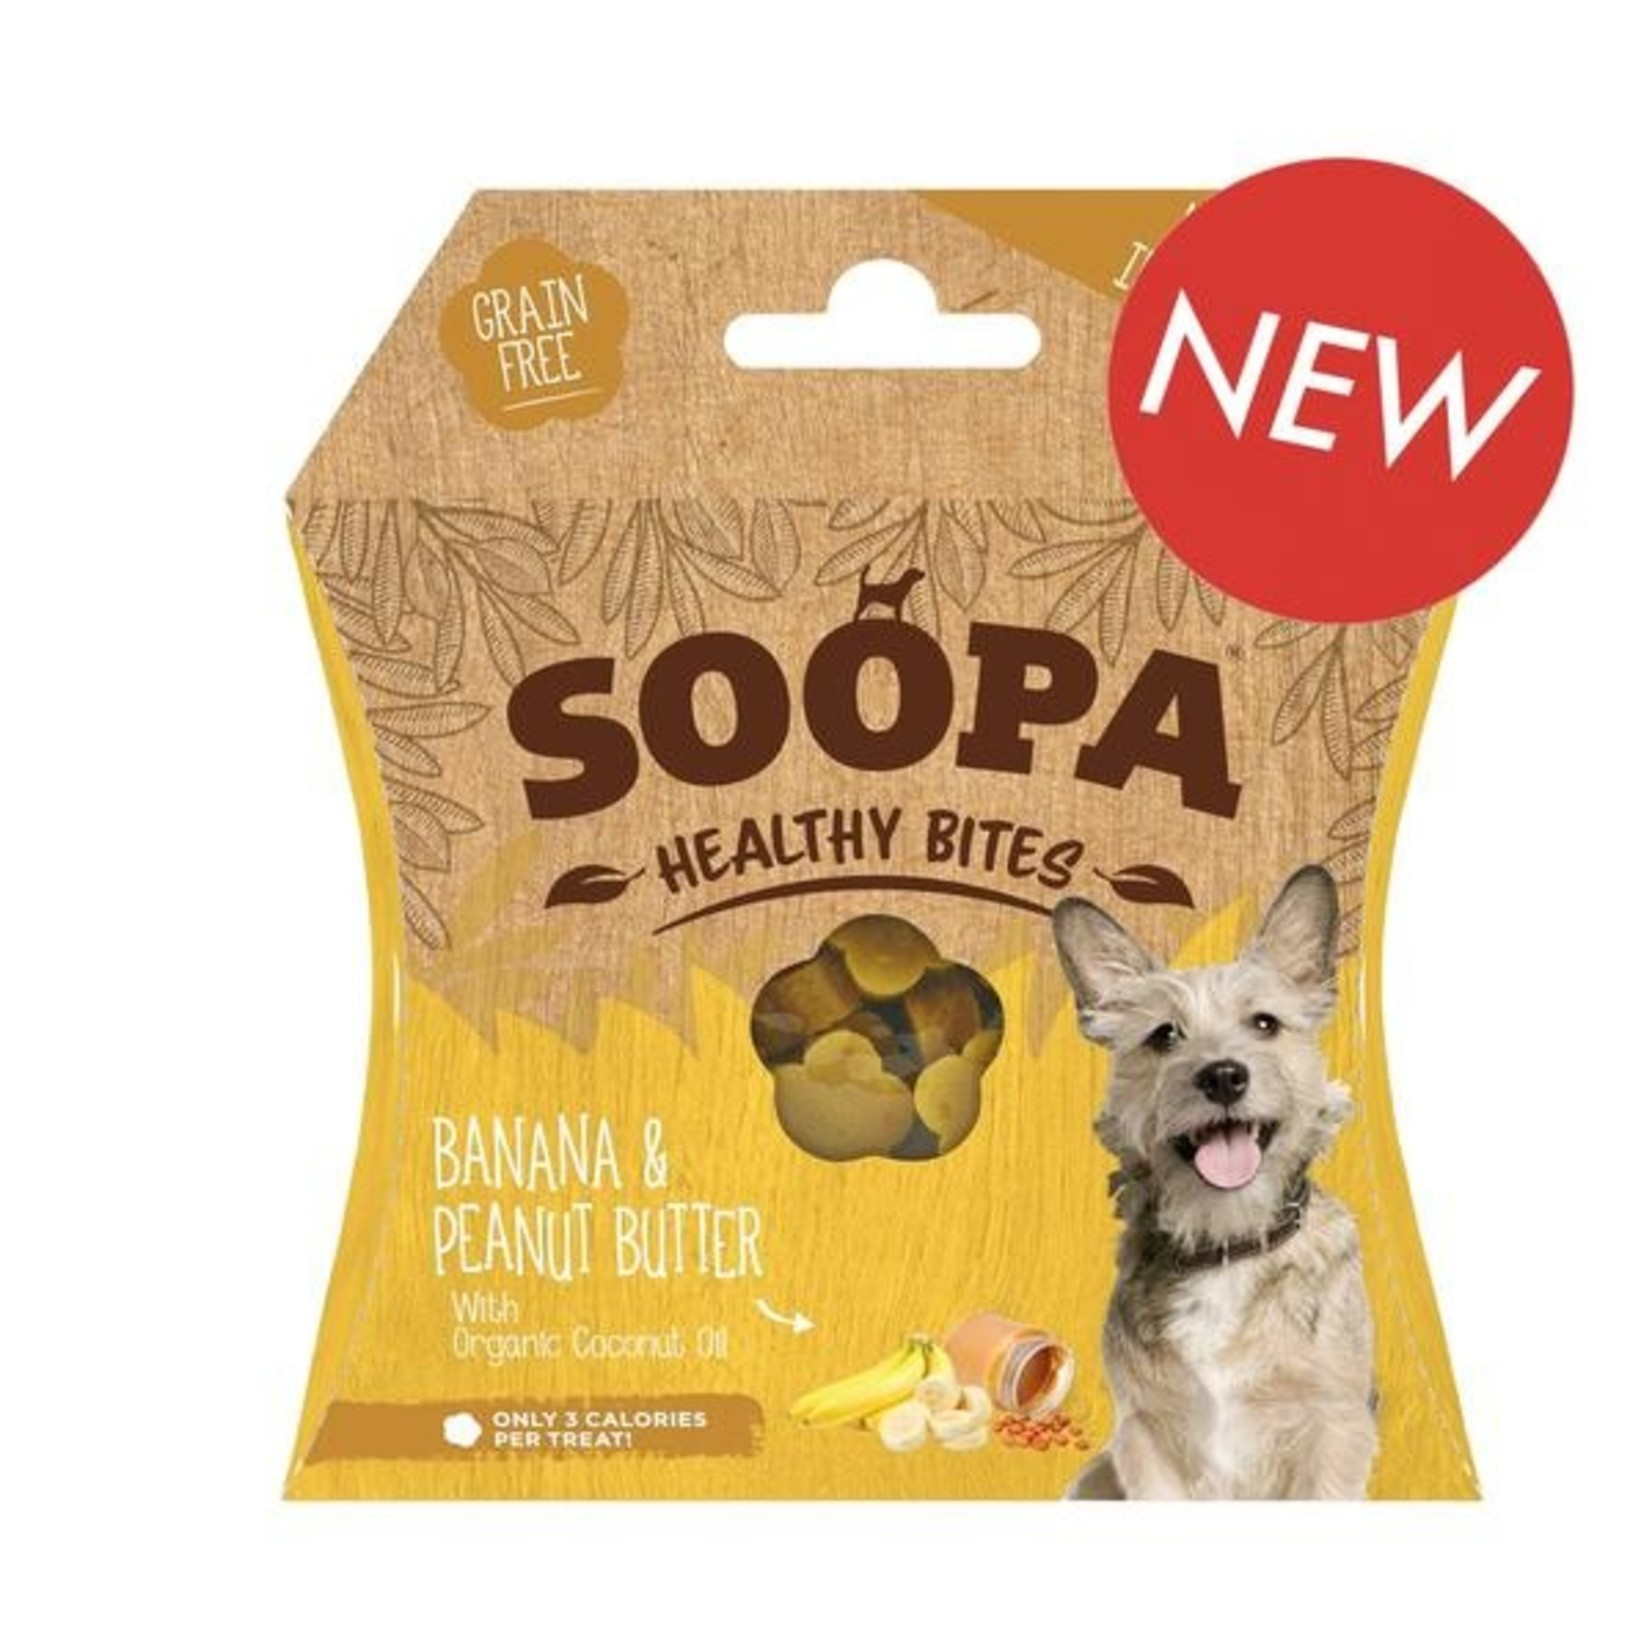 Soopa Bites